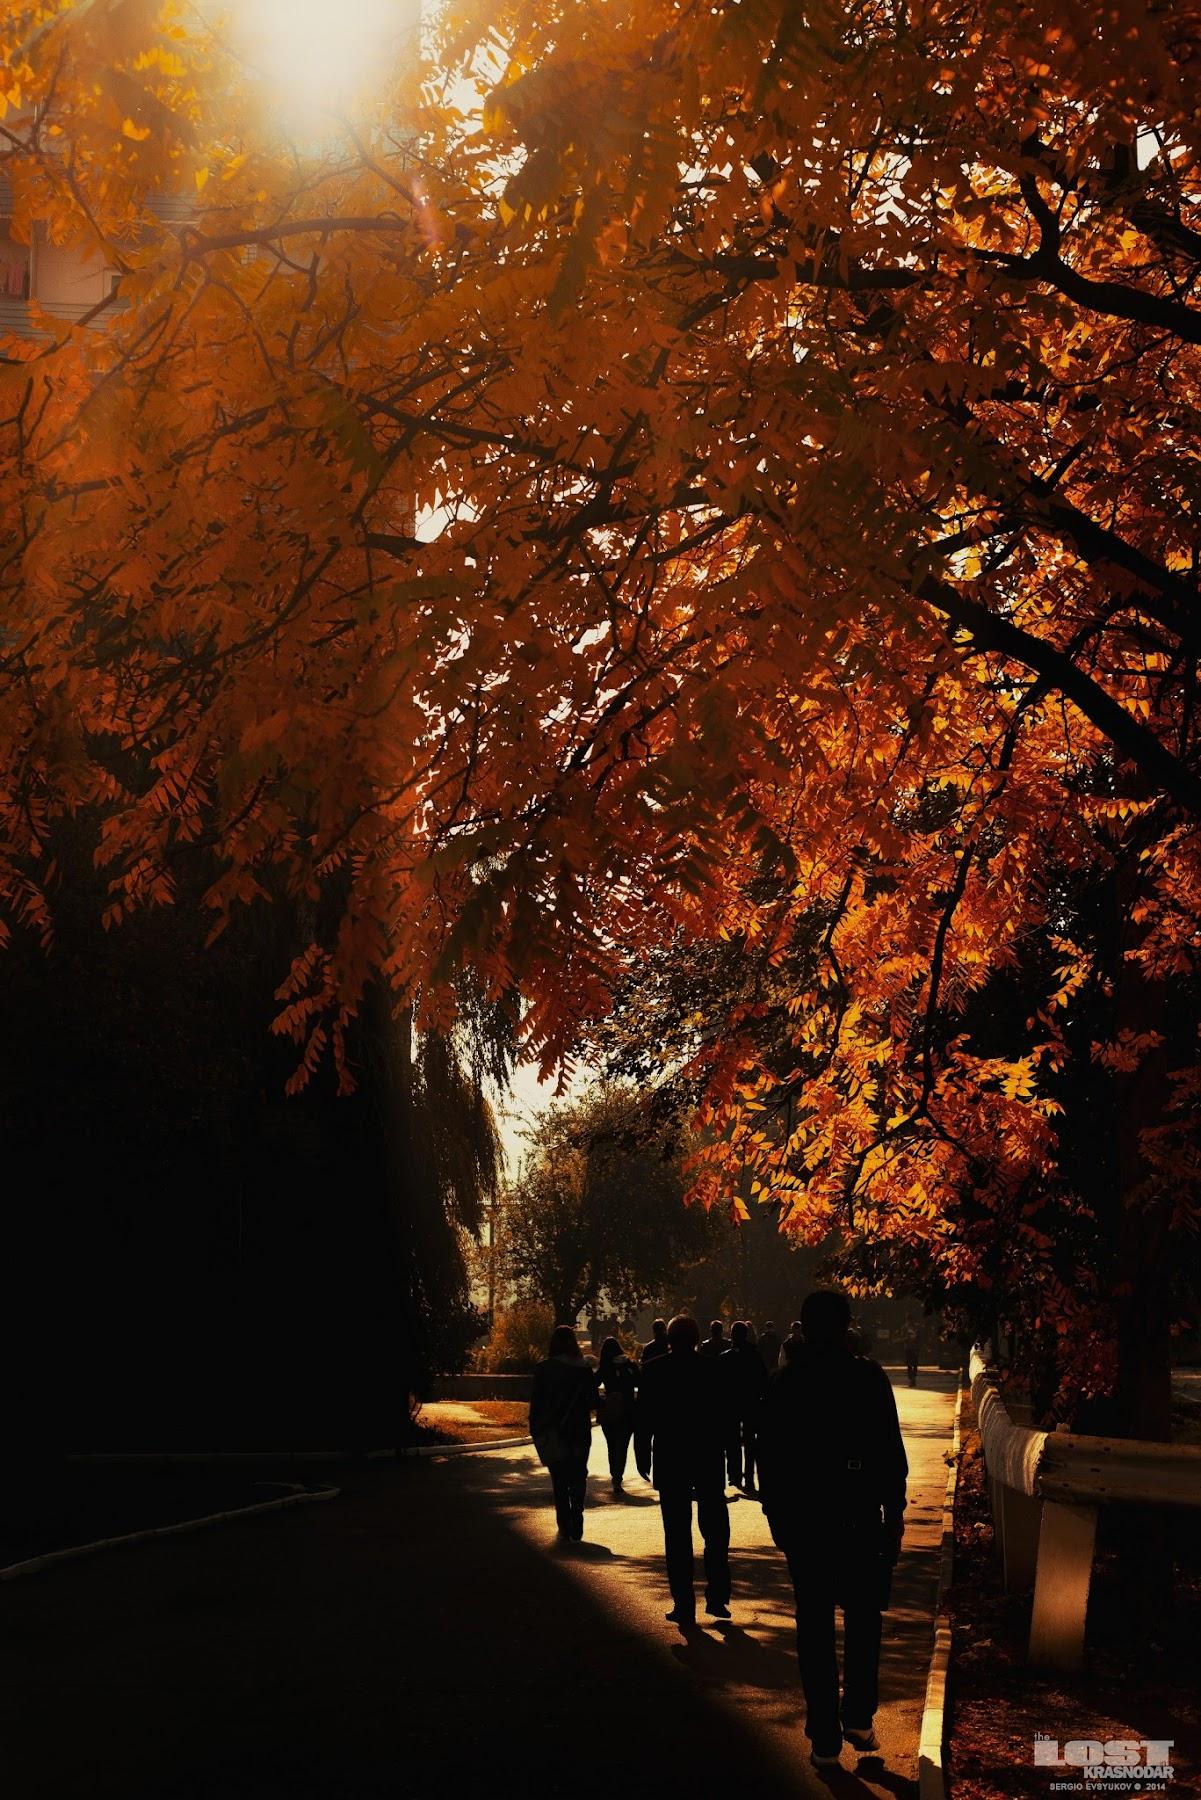 Люди и пожелтевшее дерево в студенческом городке КубГТУ